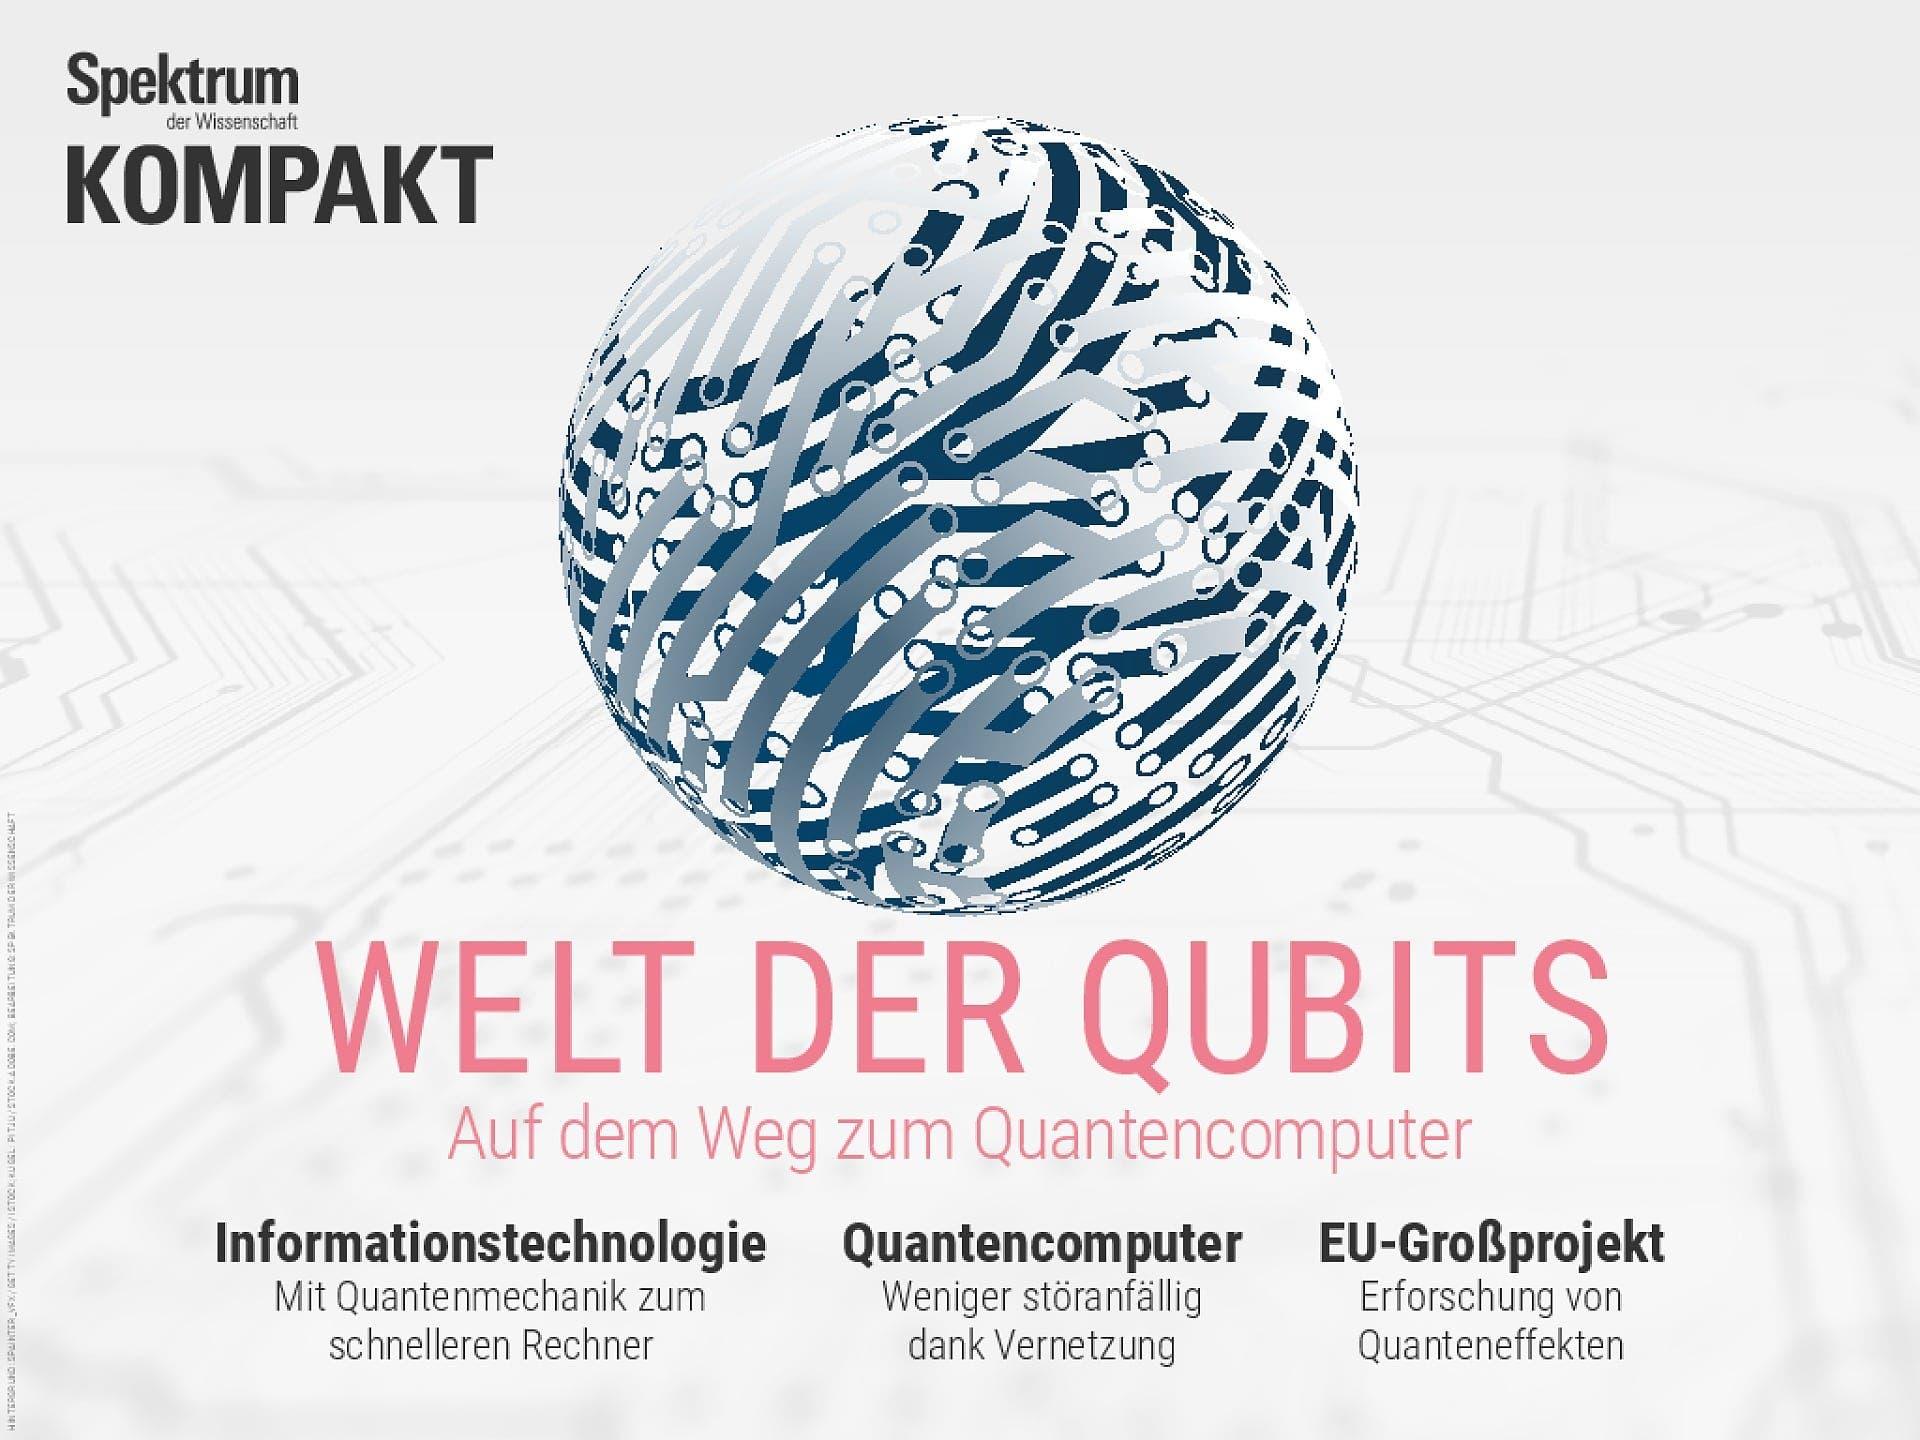 Welt der QuBits - Auf dem Weg zum Quantencomputer